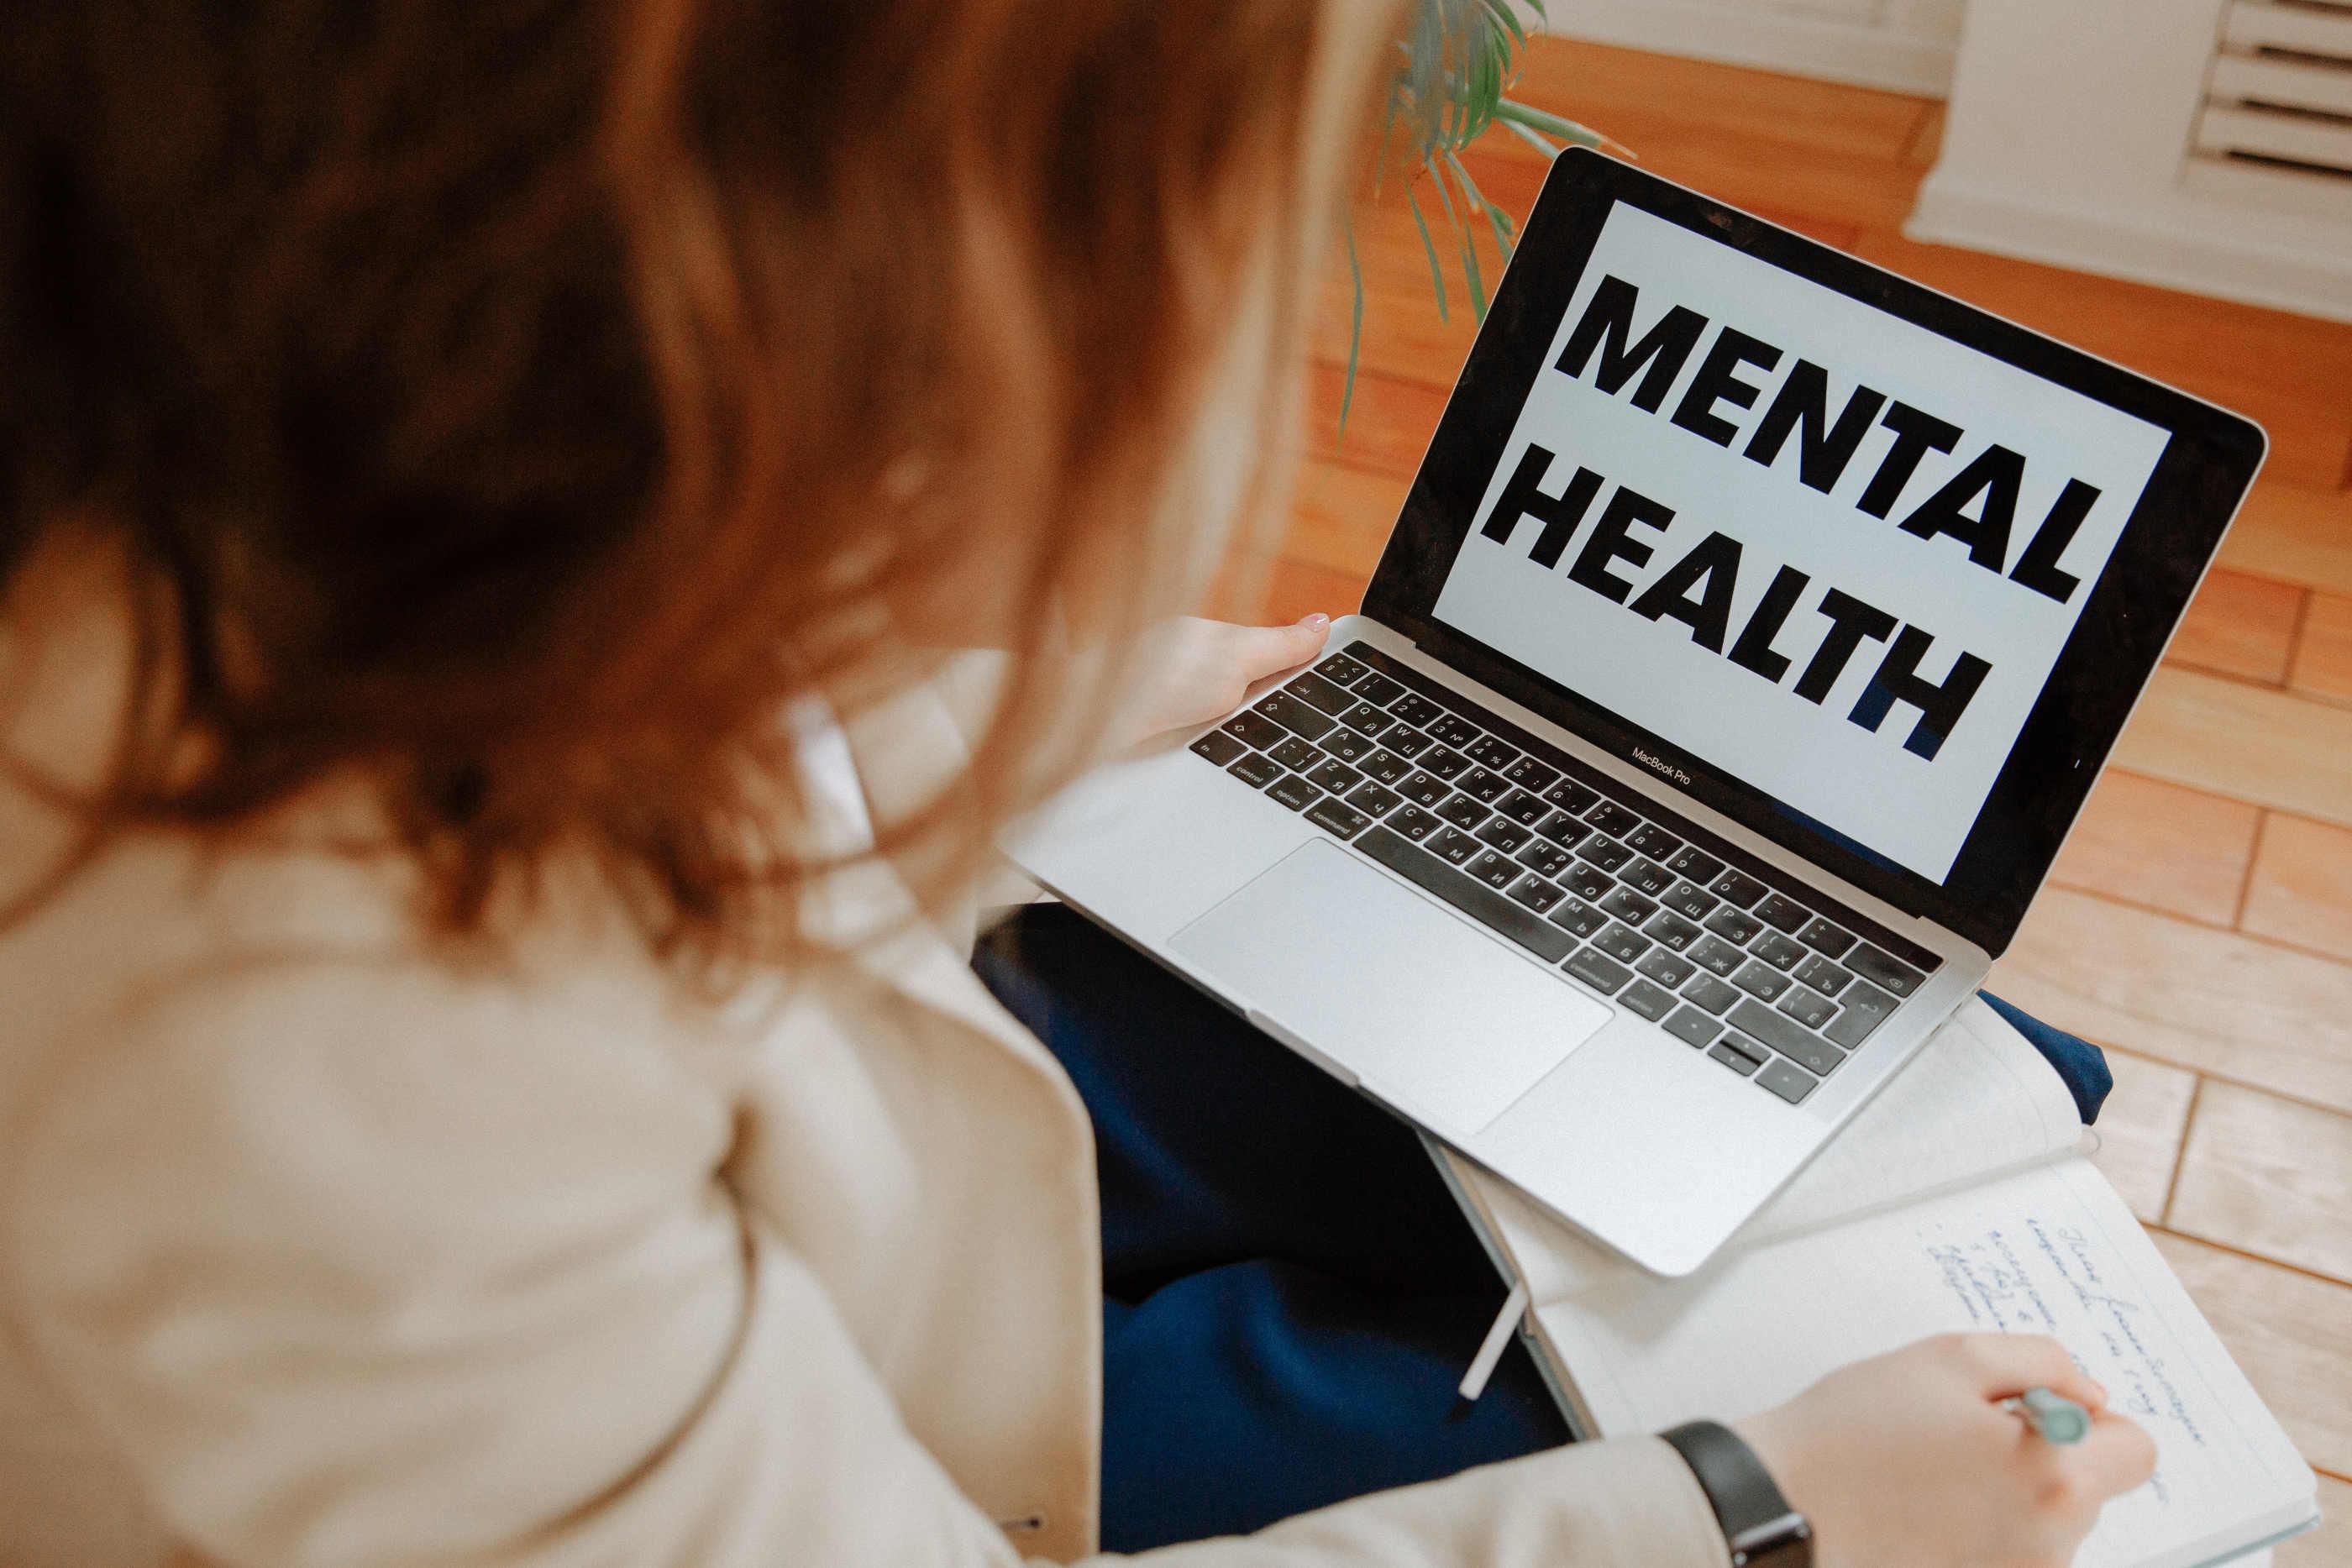 """Rapariga a escrever num caderno em frente a um computador, sendo a imagem de fundo a frase """"Mental health"""""""